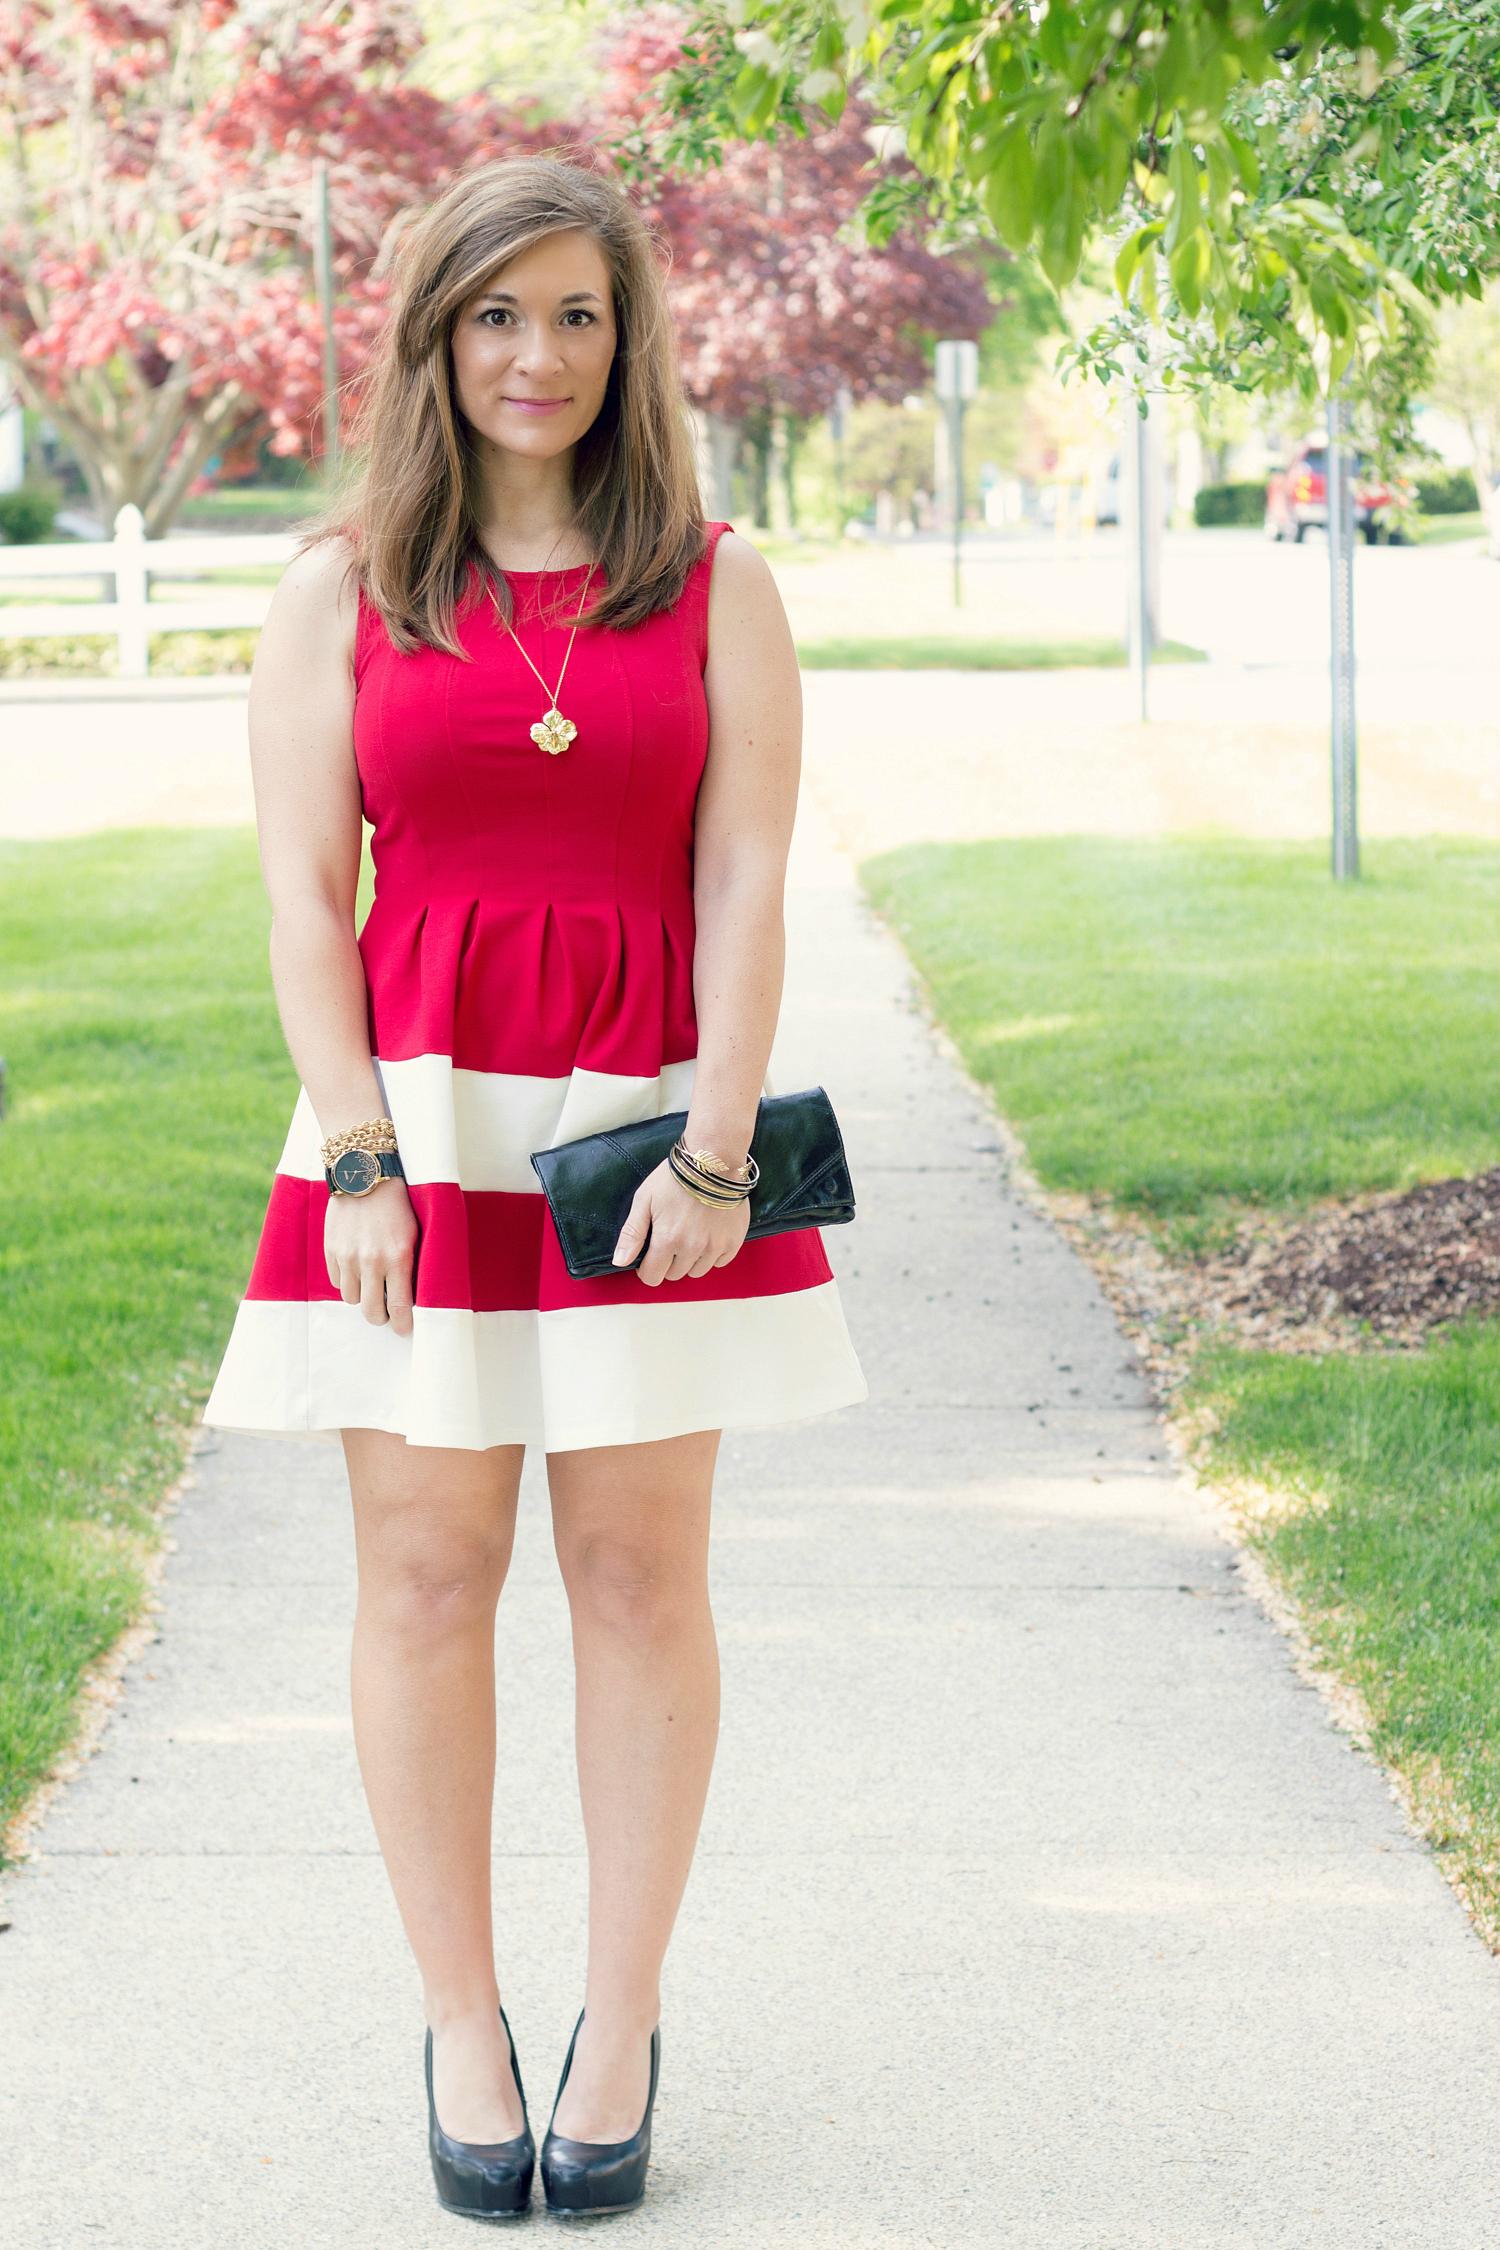 Cute Skater Dresses for Spring